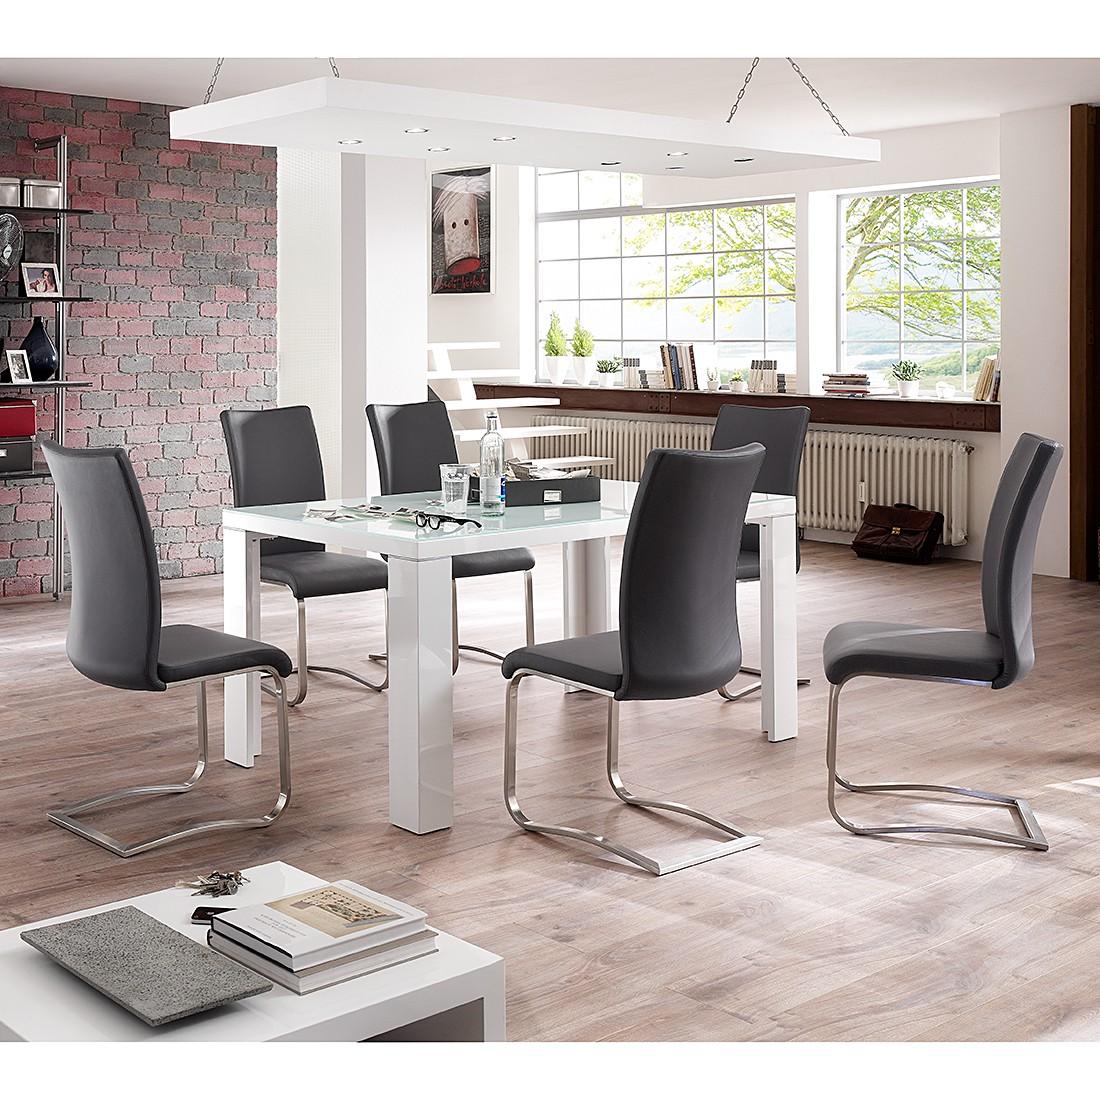 essgruppe weiss preisvergleich die besten angebote online kaufen. Black Bedroom Furniture Sets. Home Design Ideas